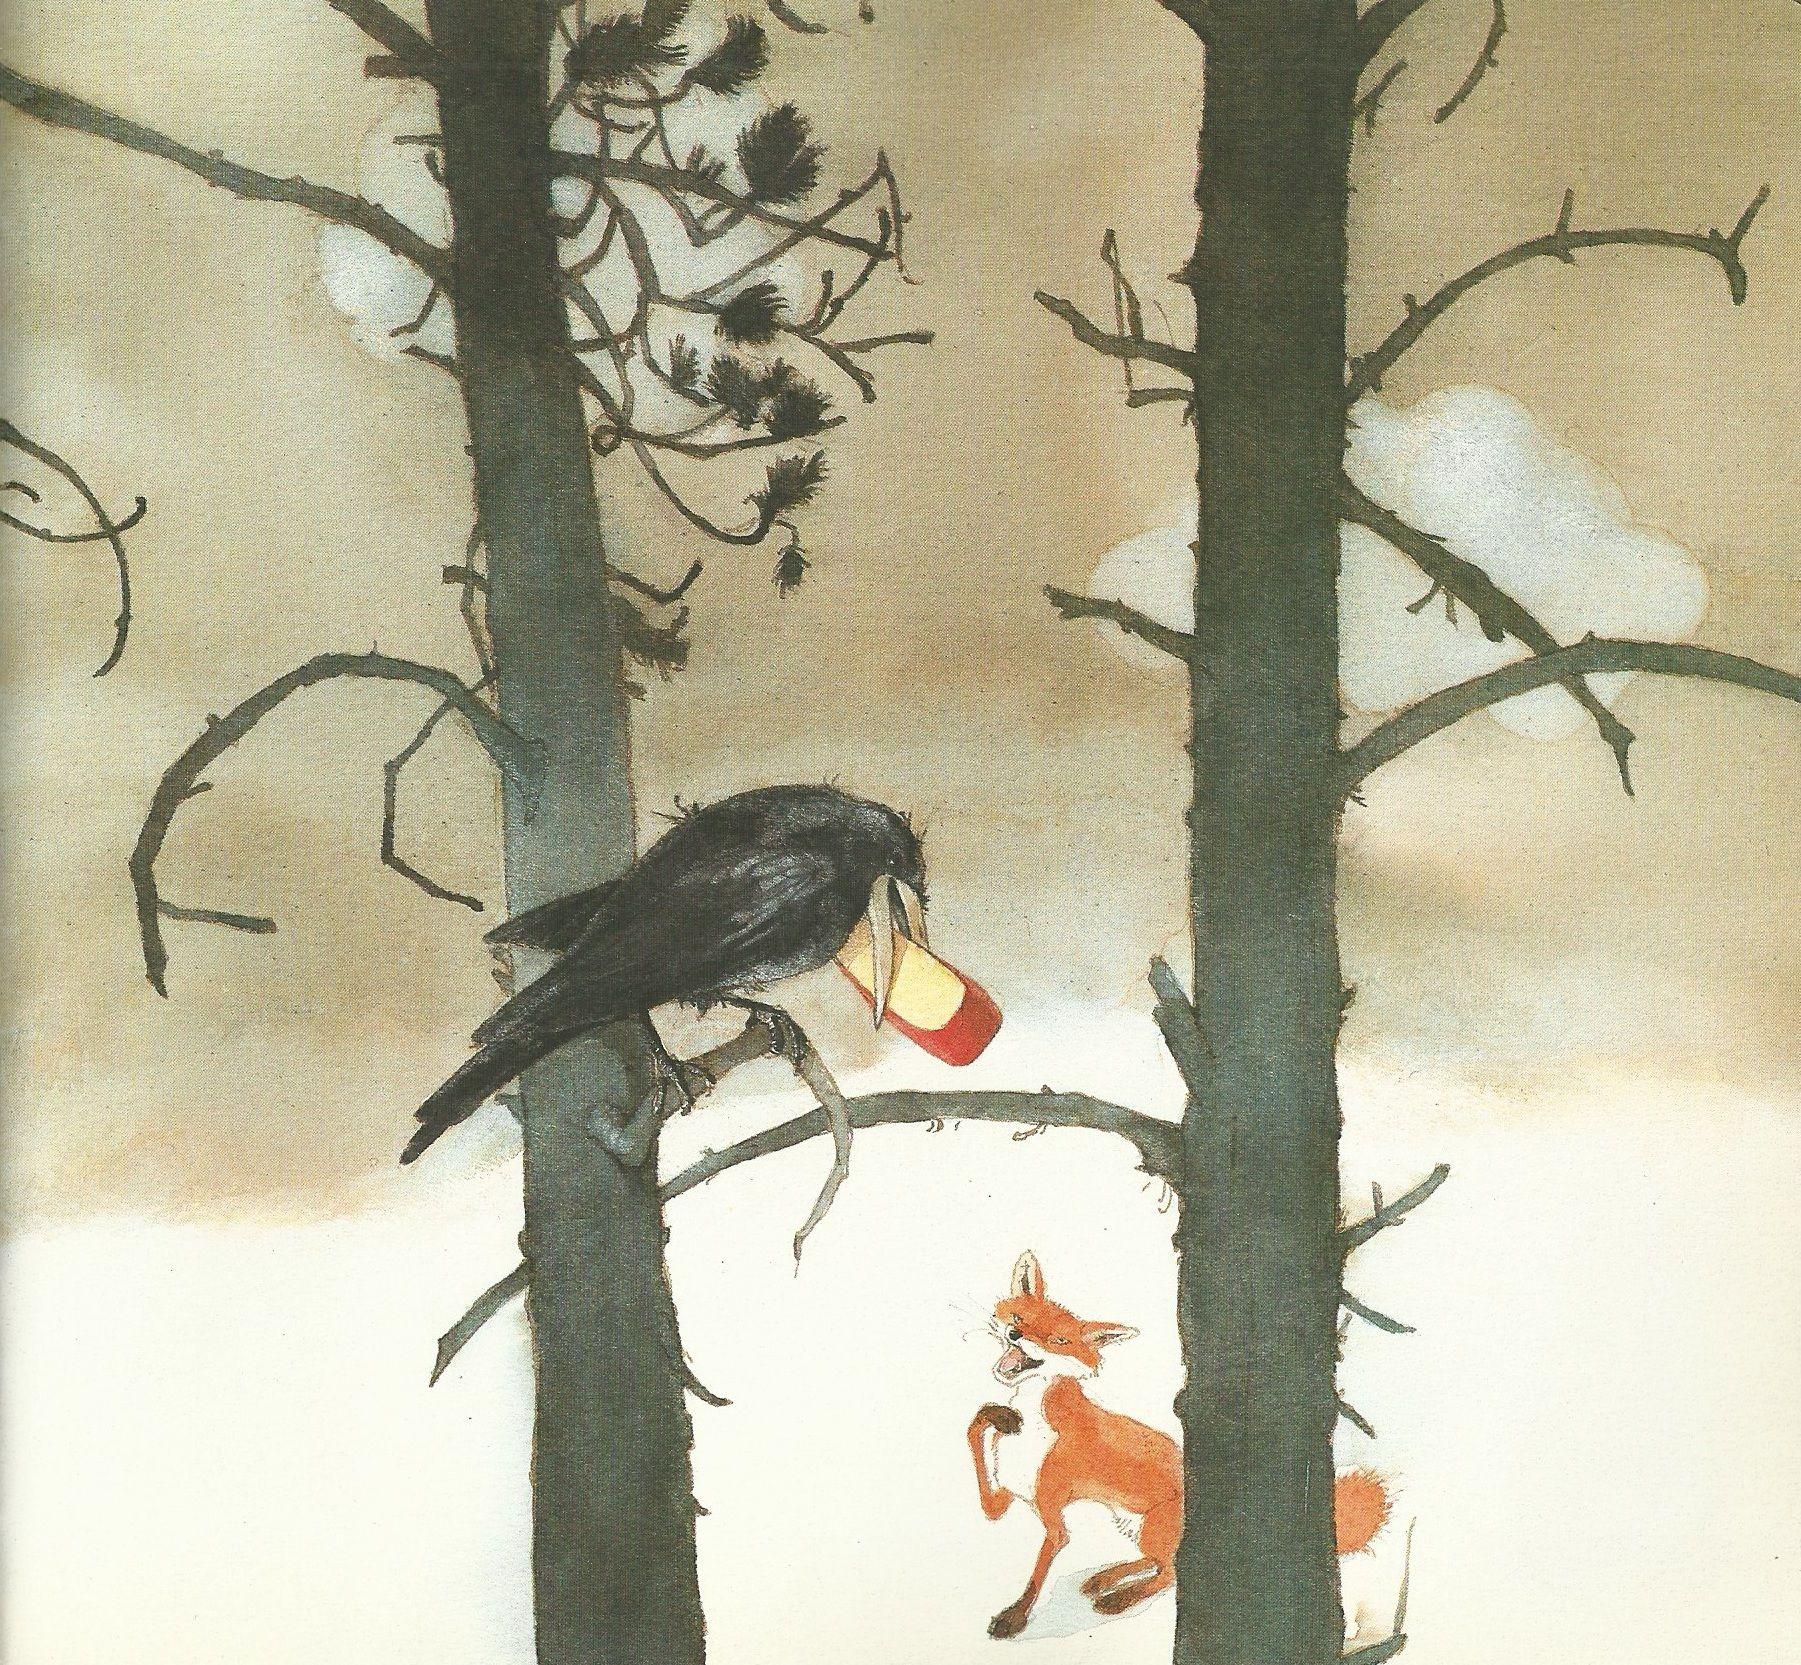 La morale è sempre quella… ma varianti e illustrazioni cambiano ...Lisbeth Zwerger